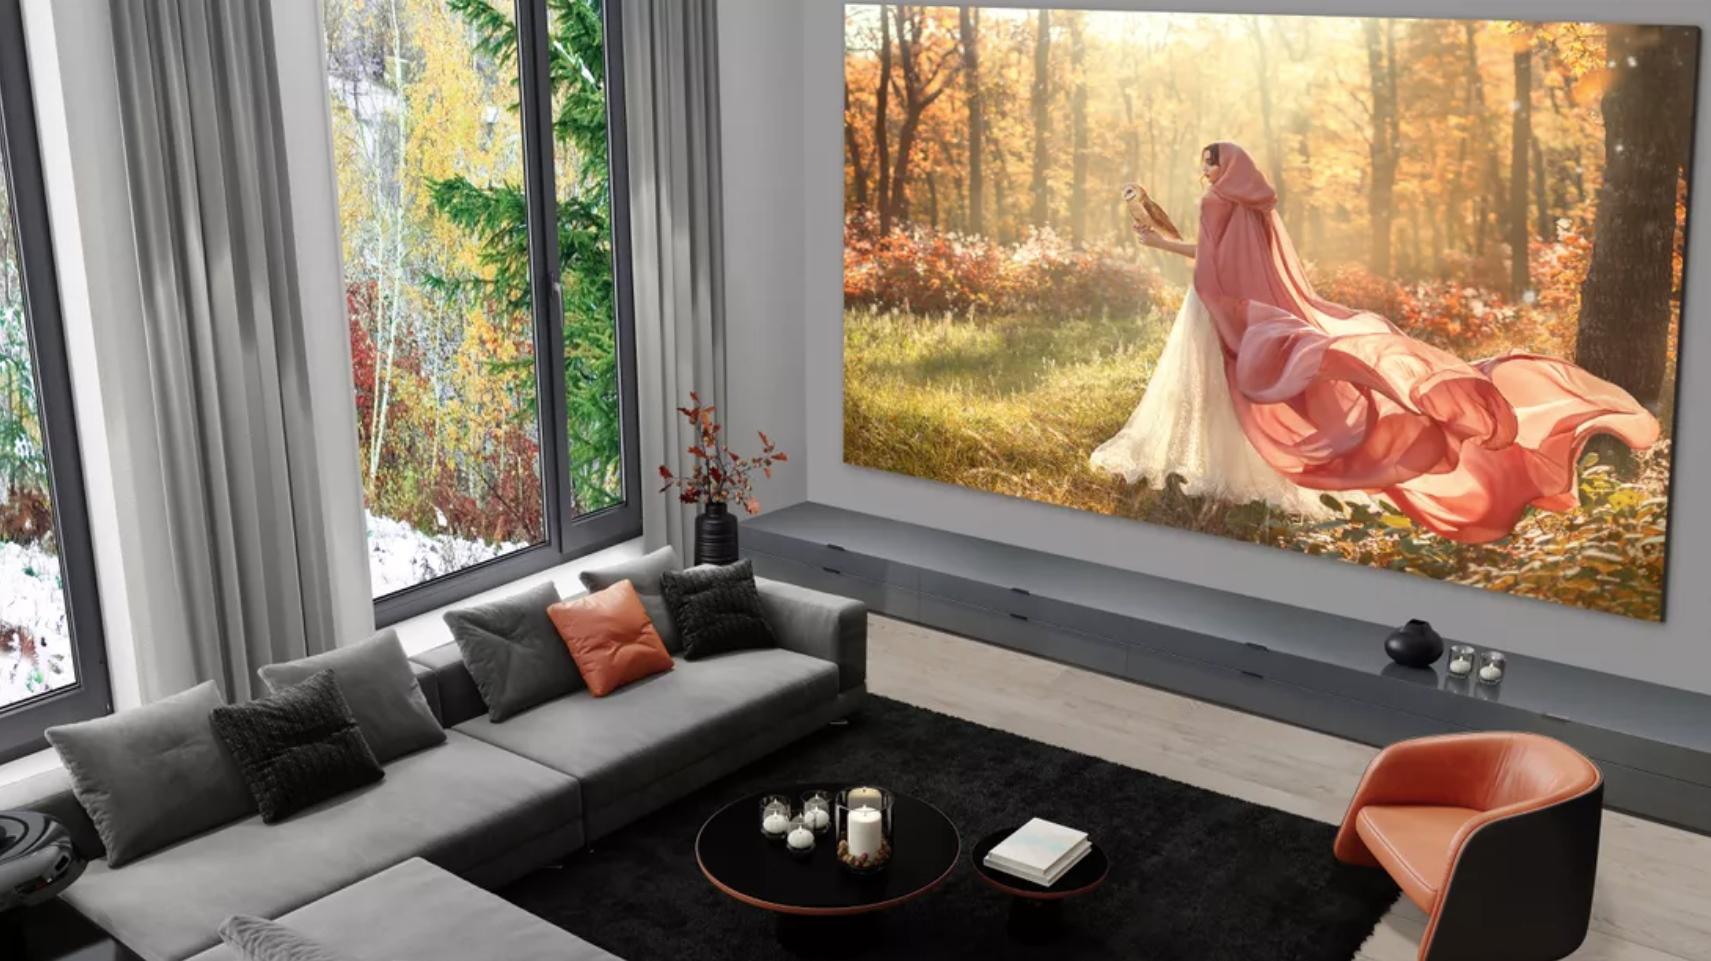 Cel mai mare televizor LG are 335 inch în diagonală și ecran microLED. Cât costă?